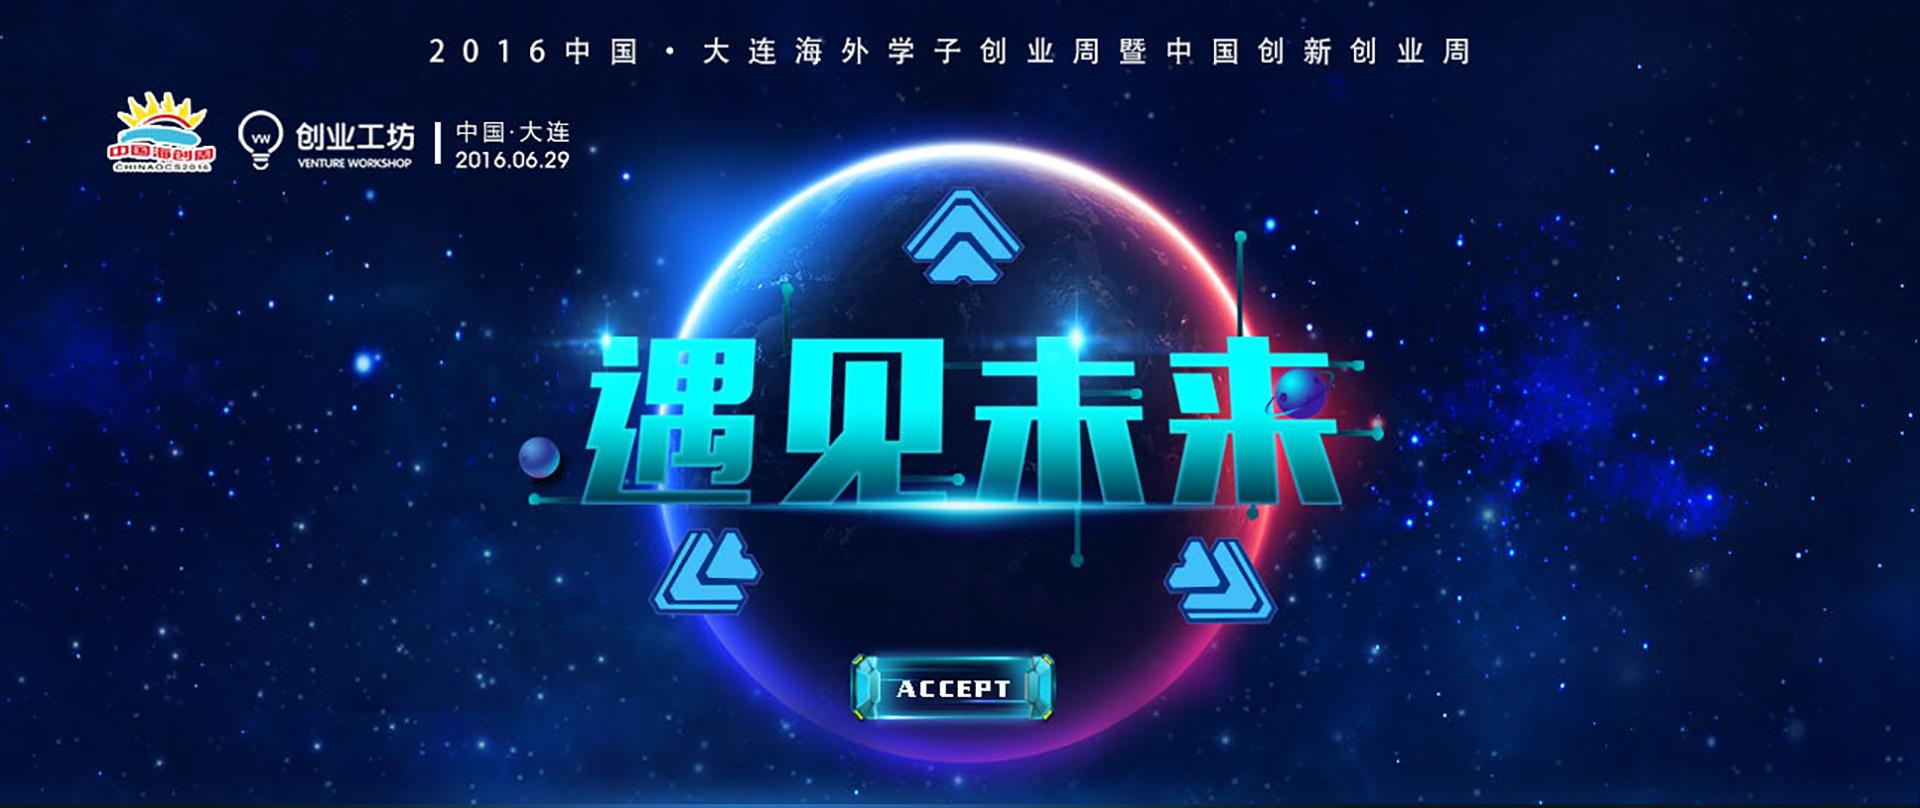 中国·大连创新创业周新产品发布会 - 专题活动 - 创业活动 - 创业工坊